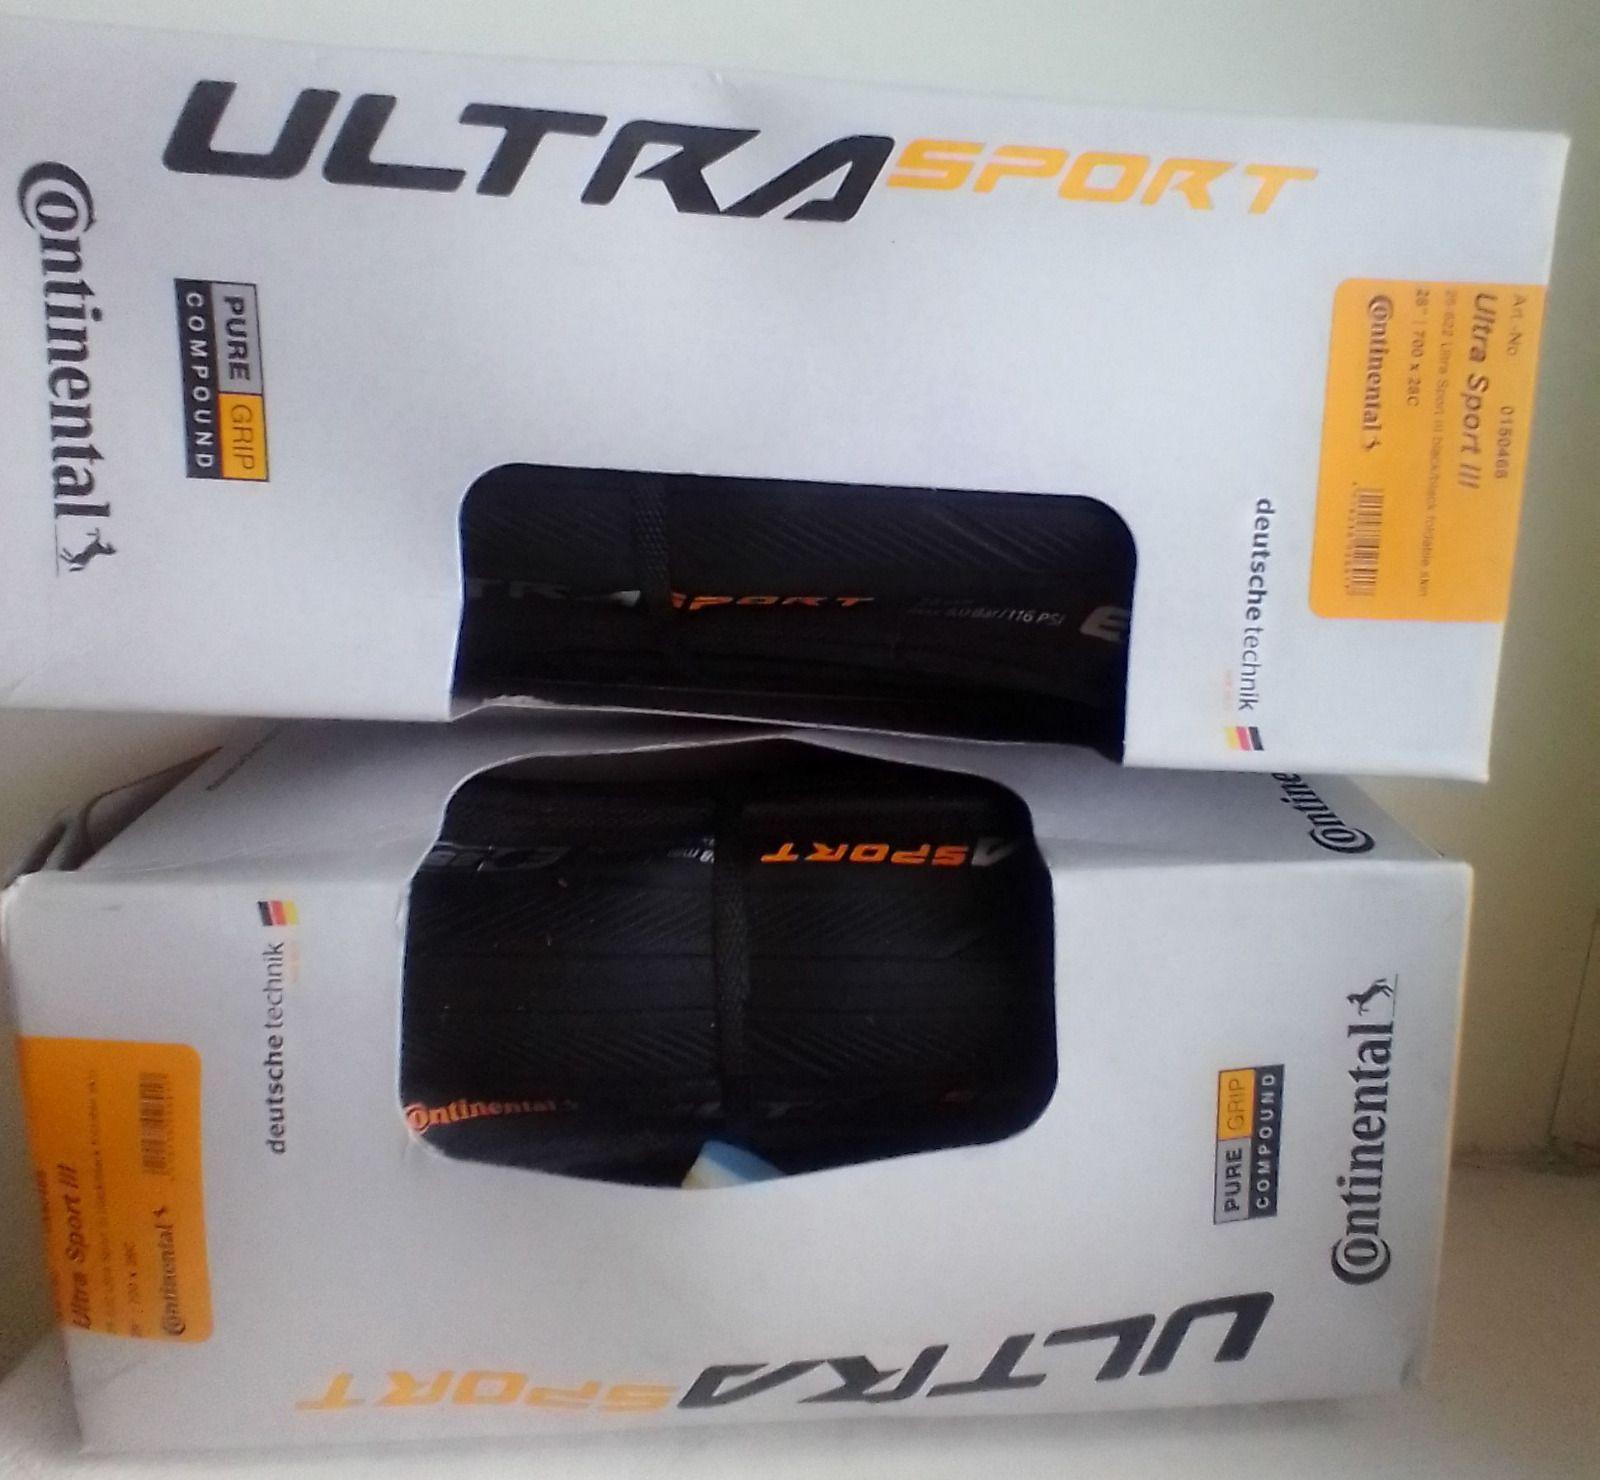 Continental UltraSport3 28mm